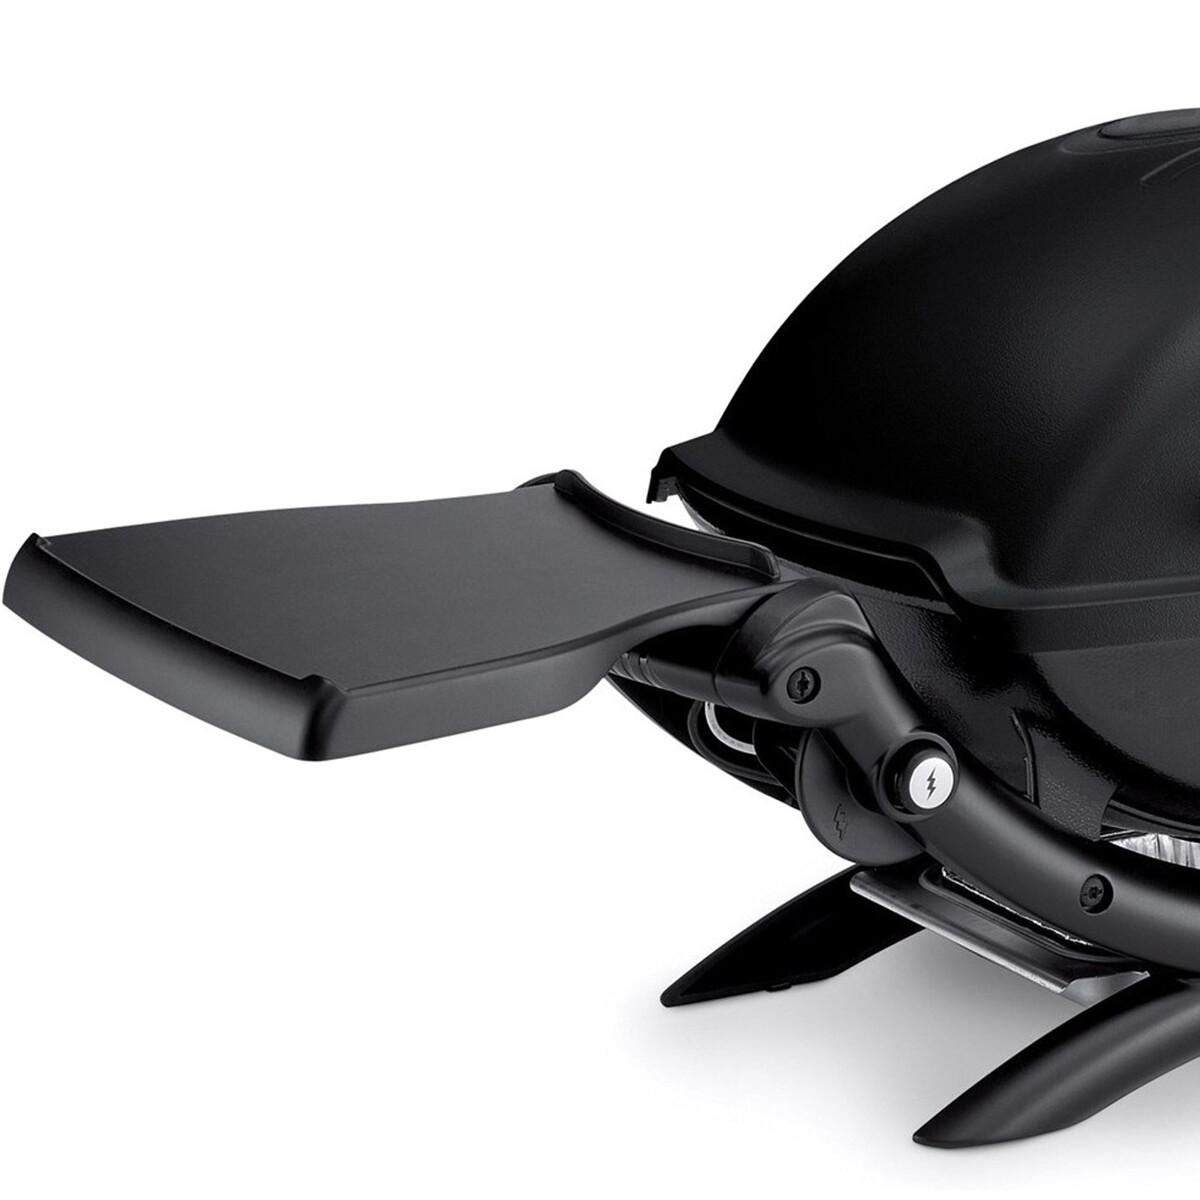 weber q 2200 gas grill weber barbecue a gas il mondo del. Black Bedroom Furniture Sets. Home Design Ideas